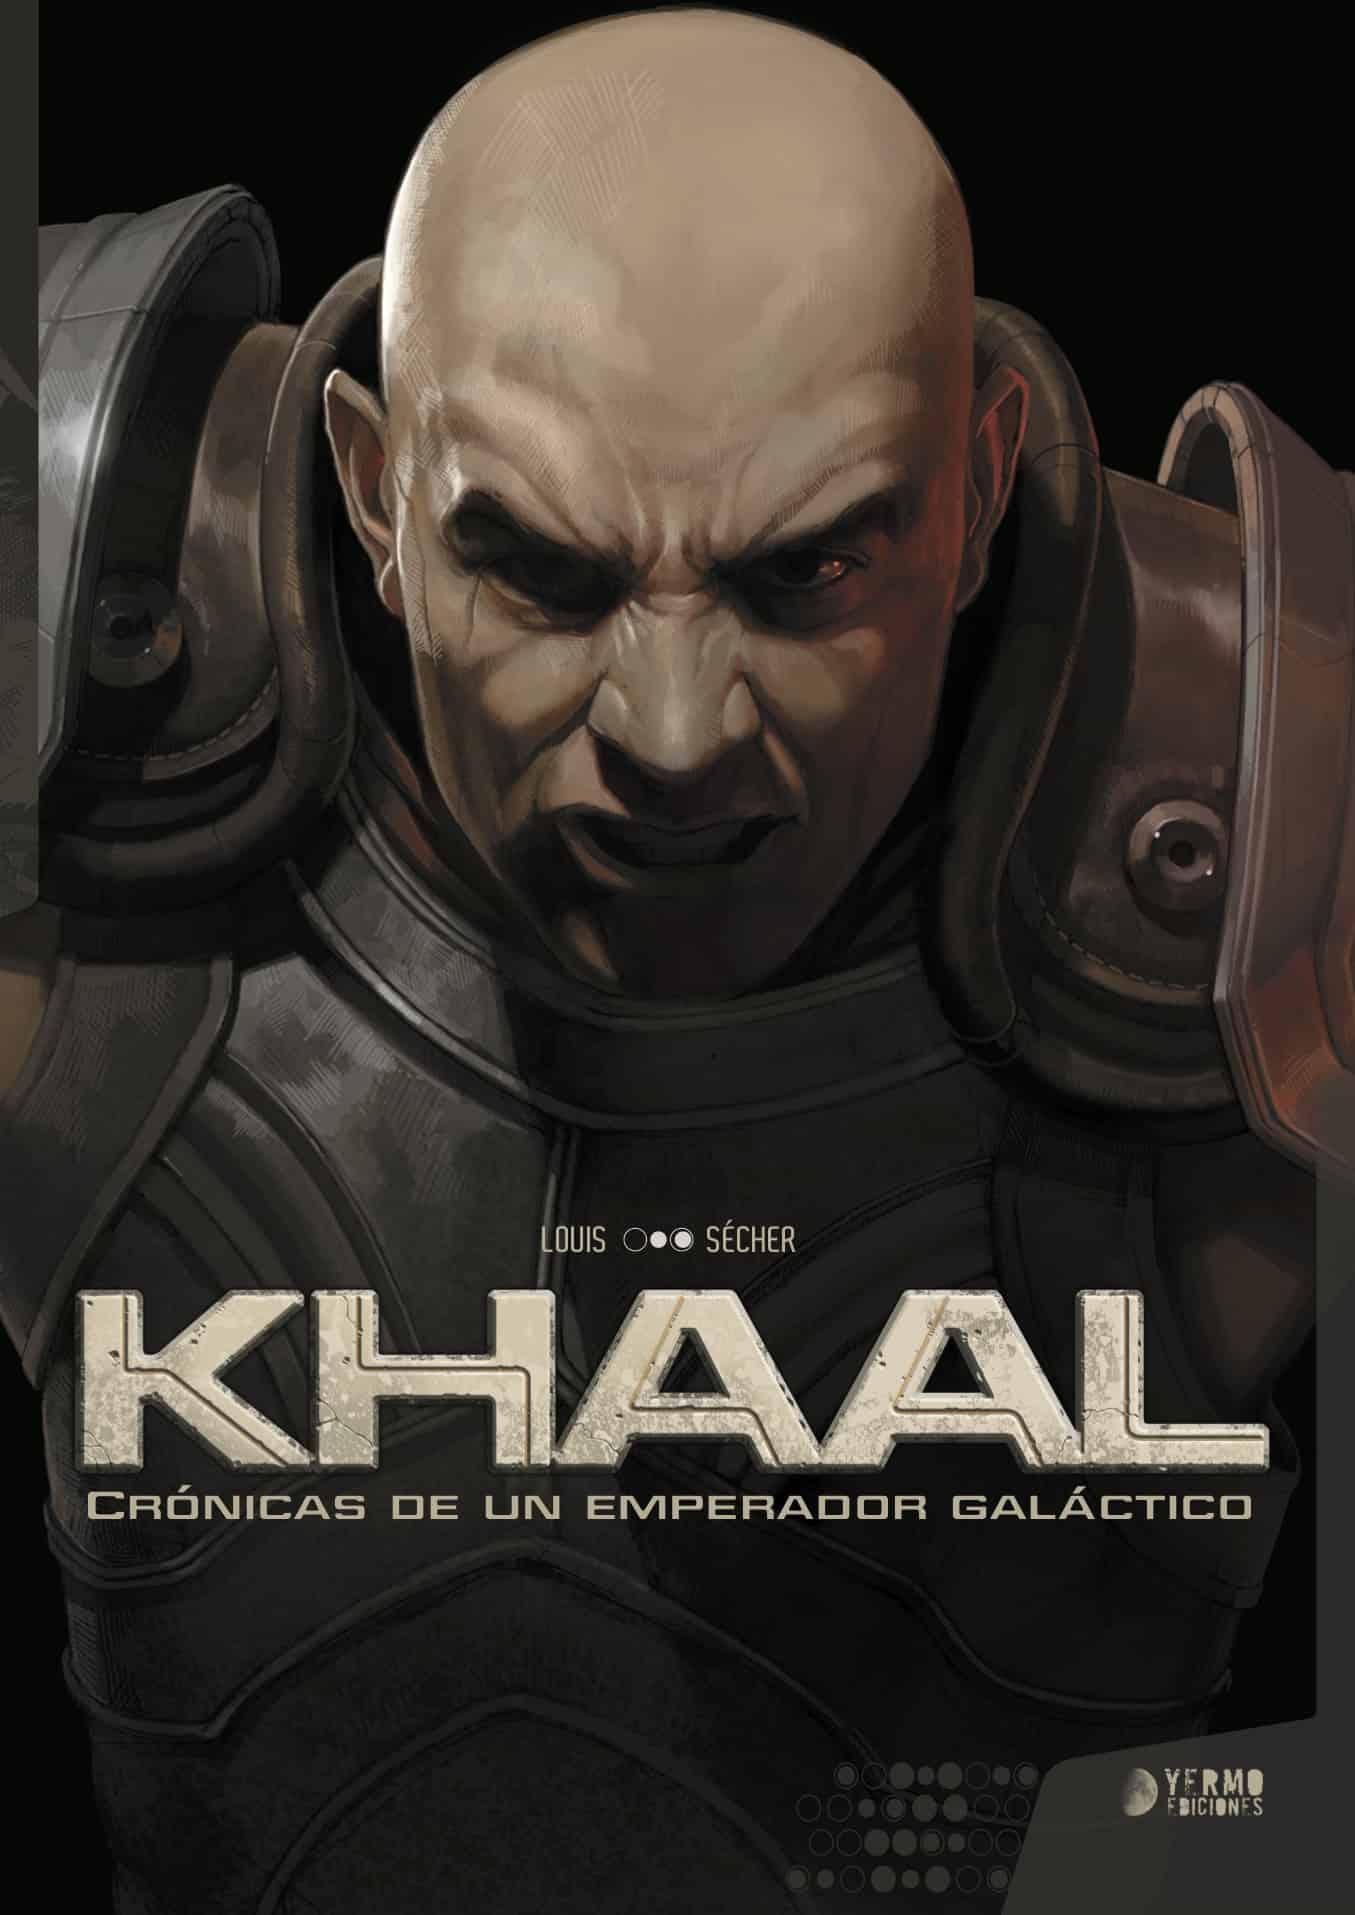 KHAAL: CRONICAS DE UN EMPERADOR GALACTICO